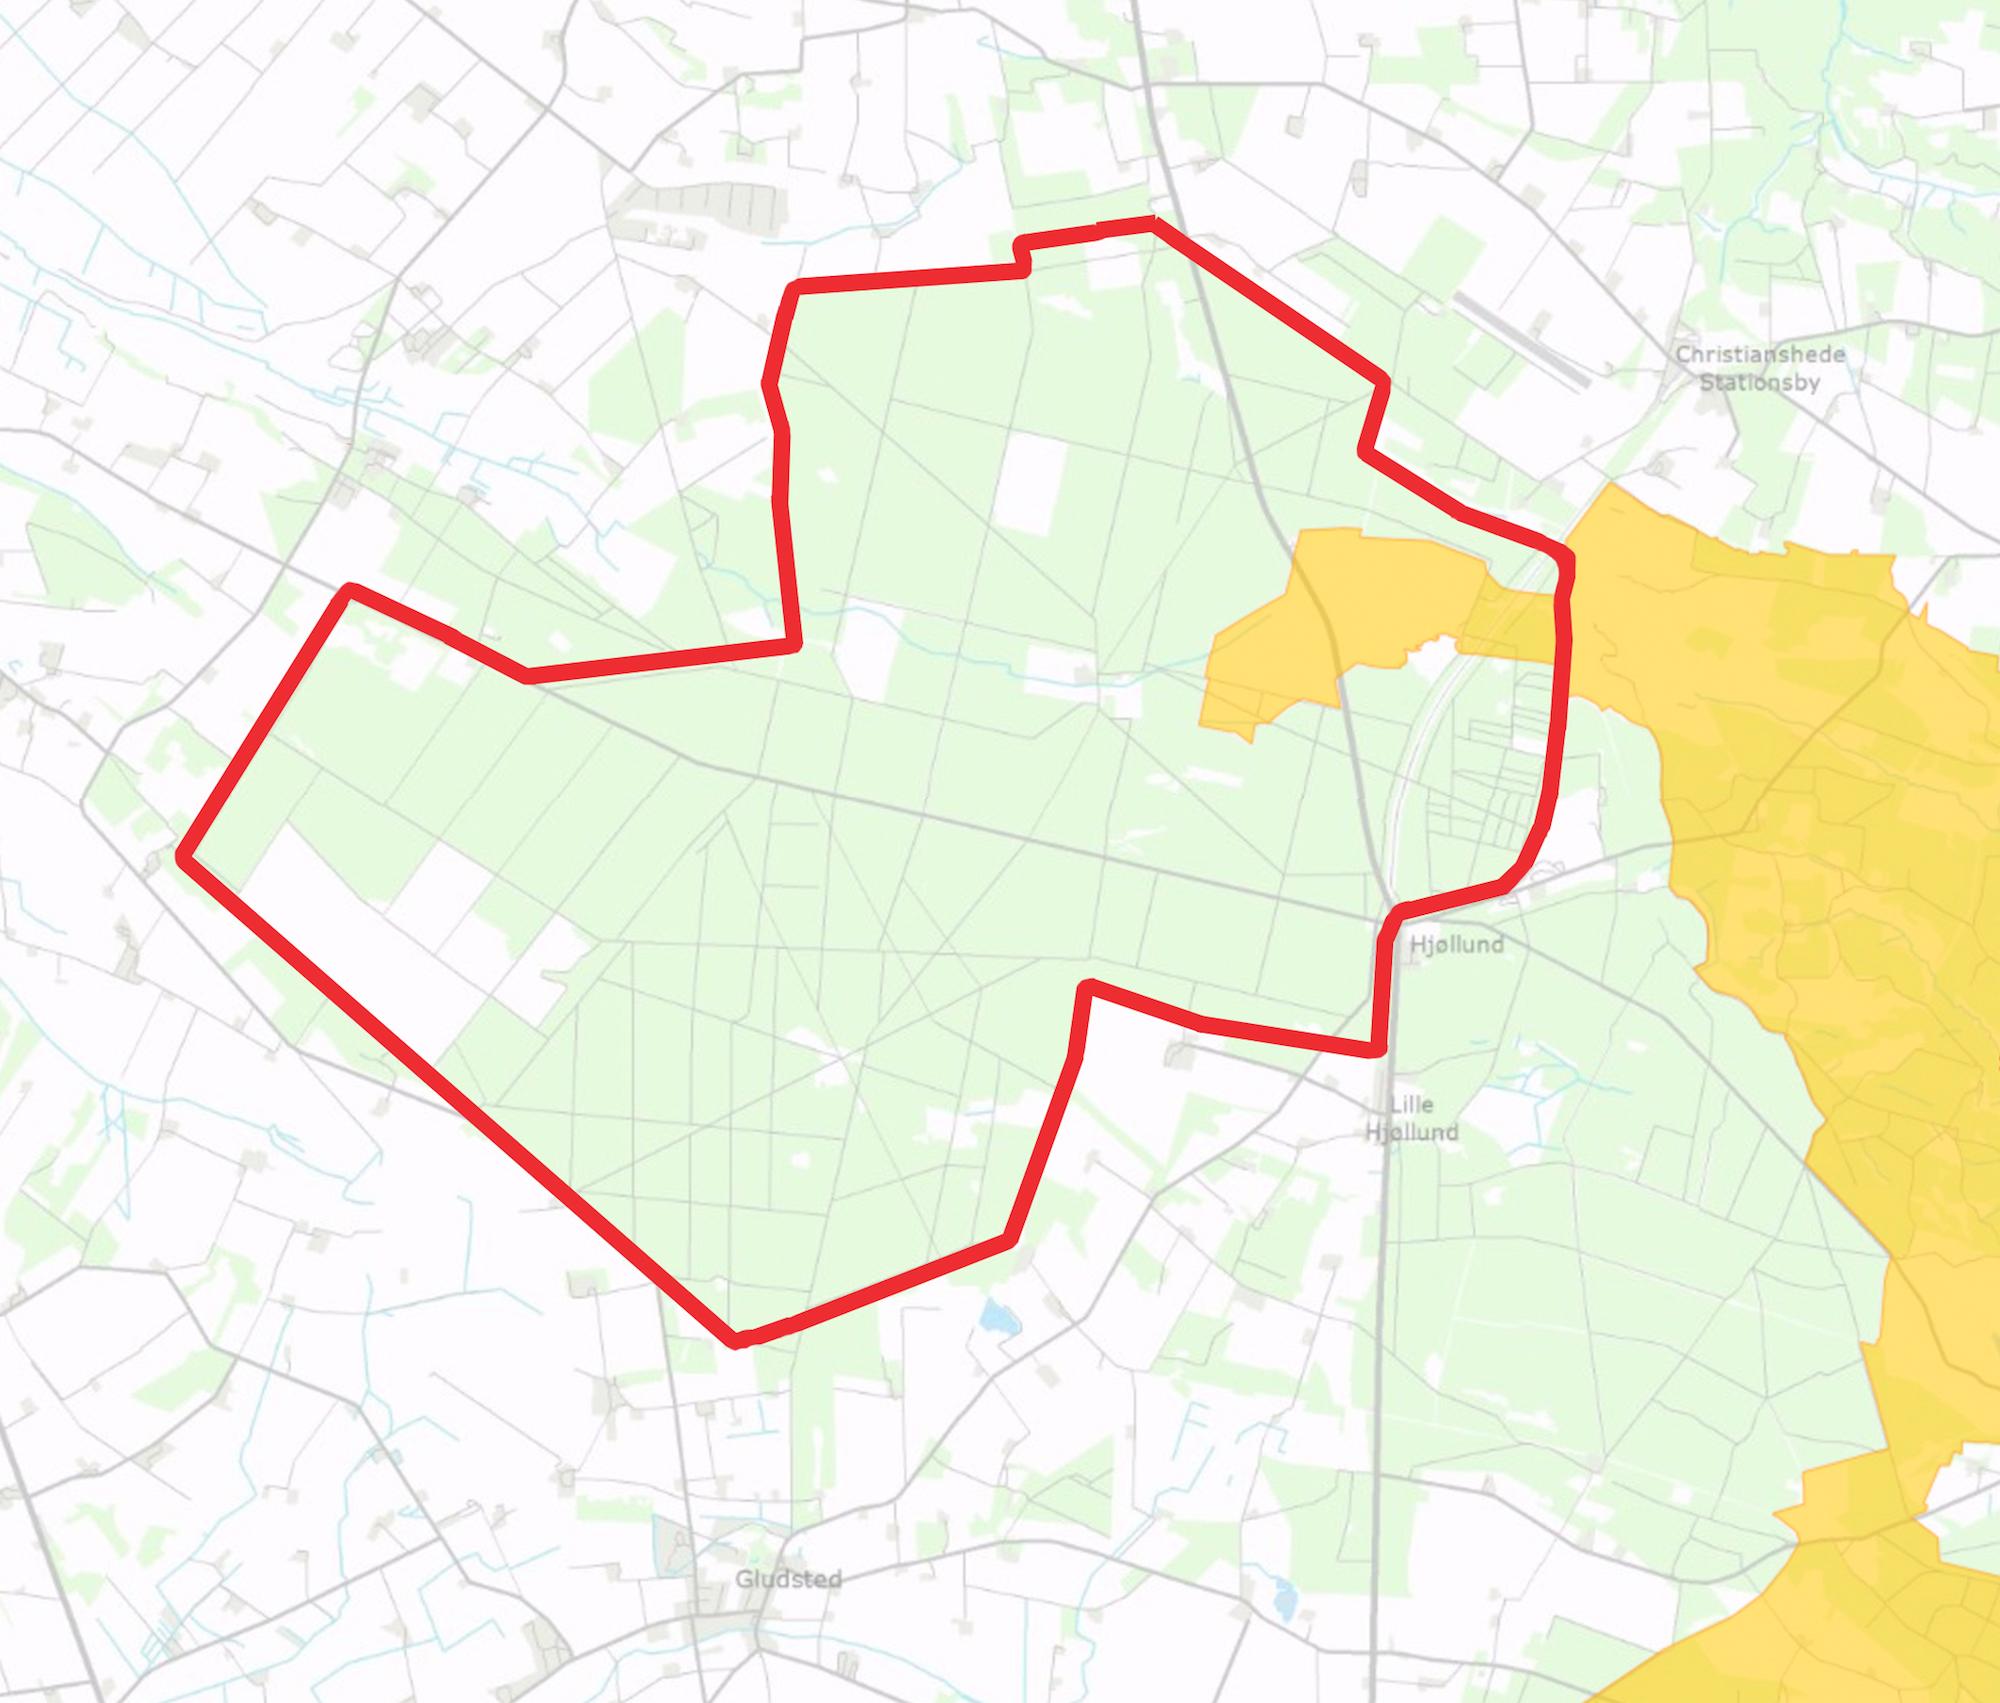 Forslaget til afgrænsningen af Naturnationalpark Gludsted Skov & Isen Bjerg overlapper lige akkurat en del af et Natura 2000-område (markeret med gult), hvor Danmark i forvejen er forpligtet til at gøre en særlig indsats for biodiversiteten.